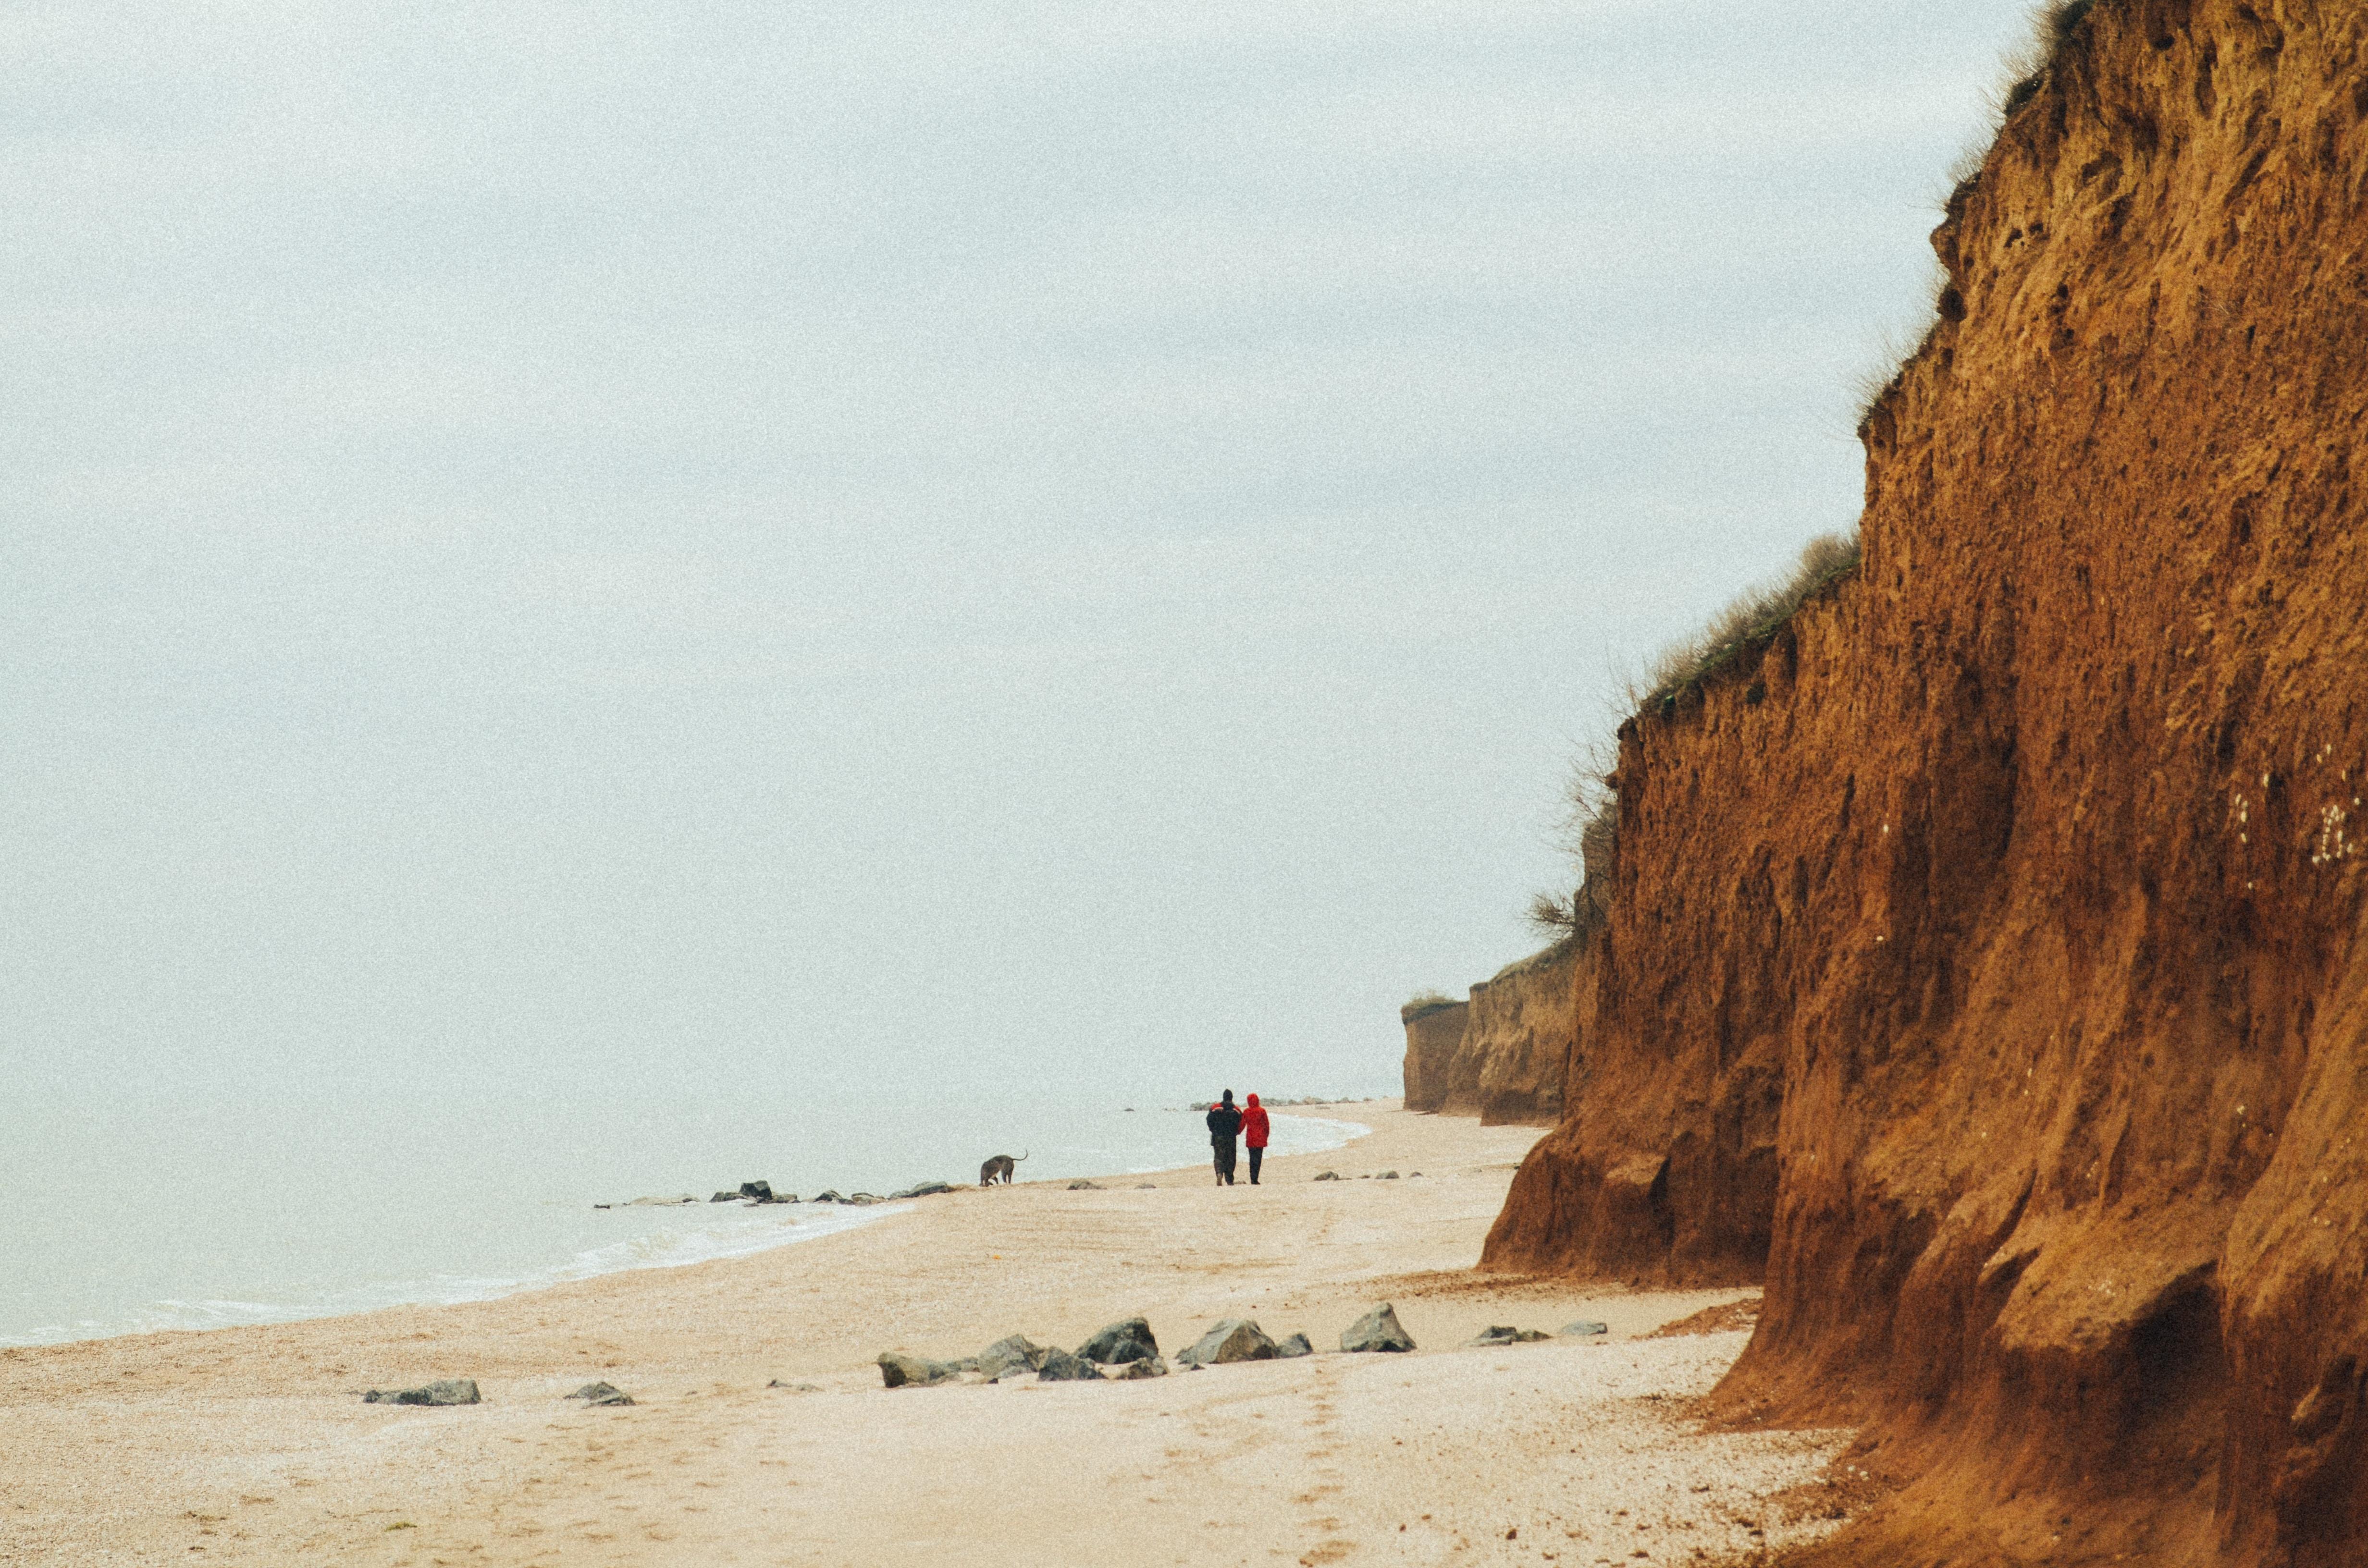 two people walking near seashore during daytime